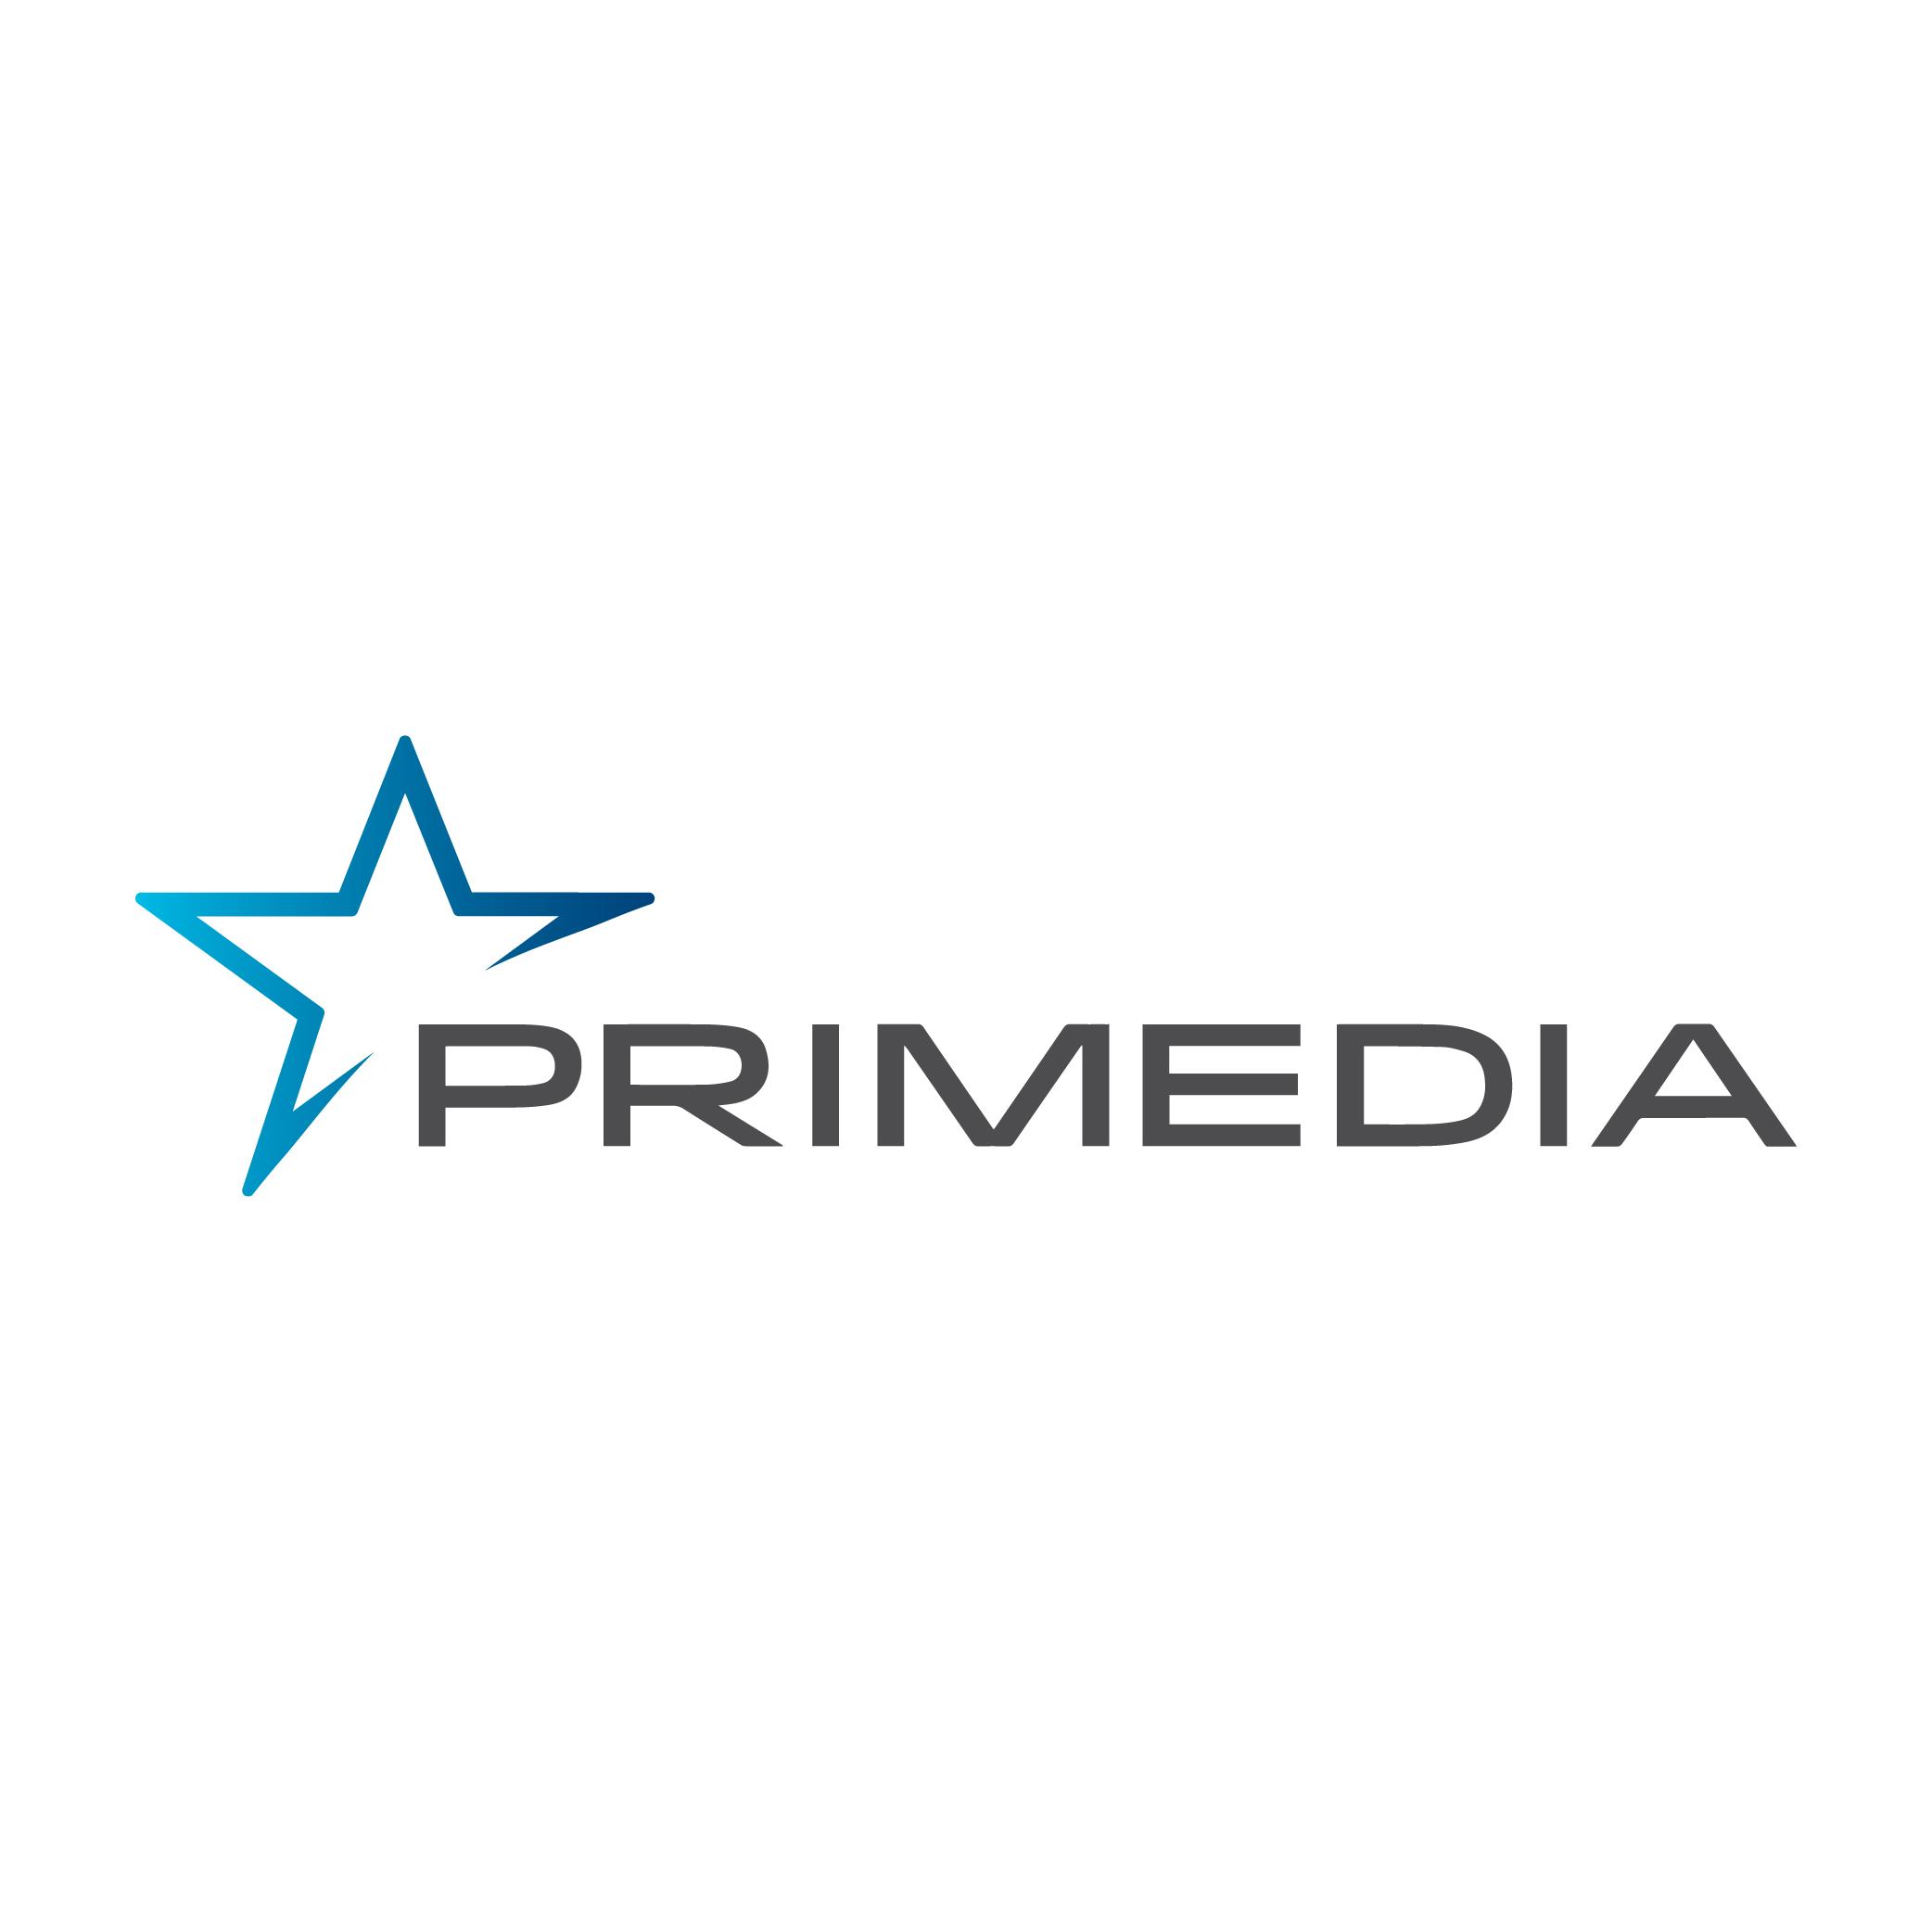 Primedia_Colour-01.jpg